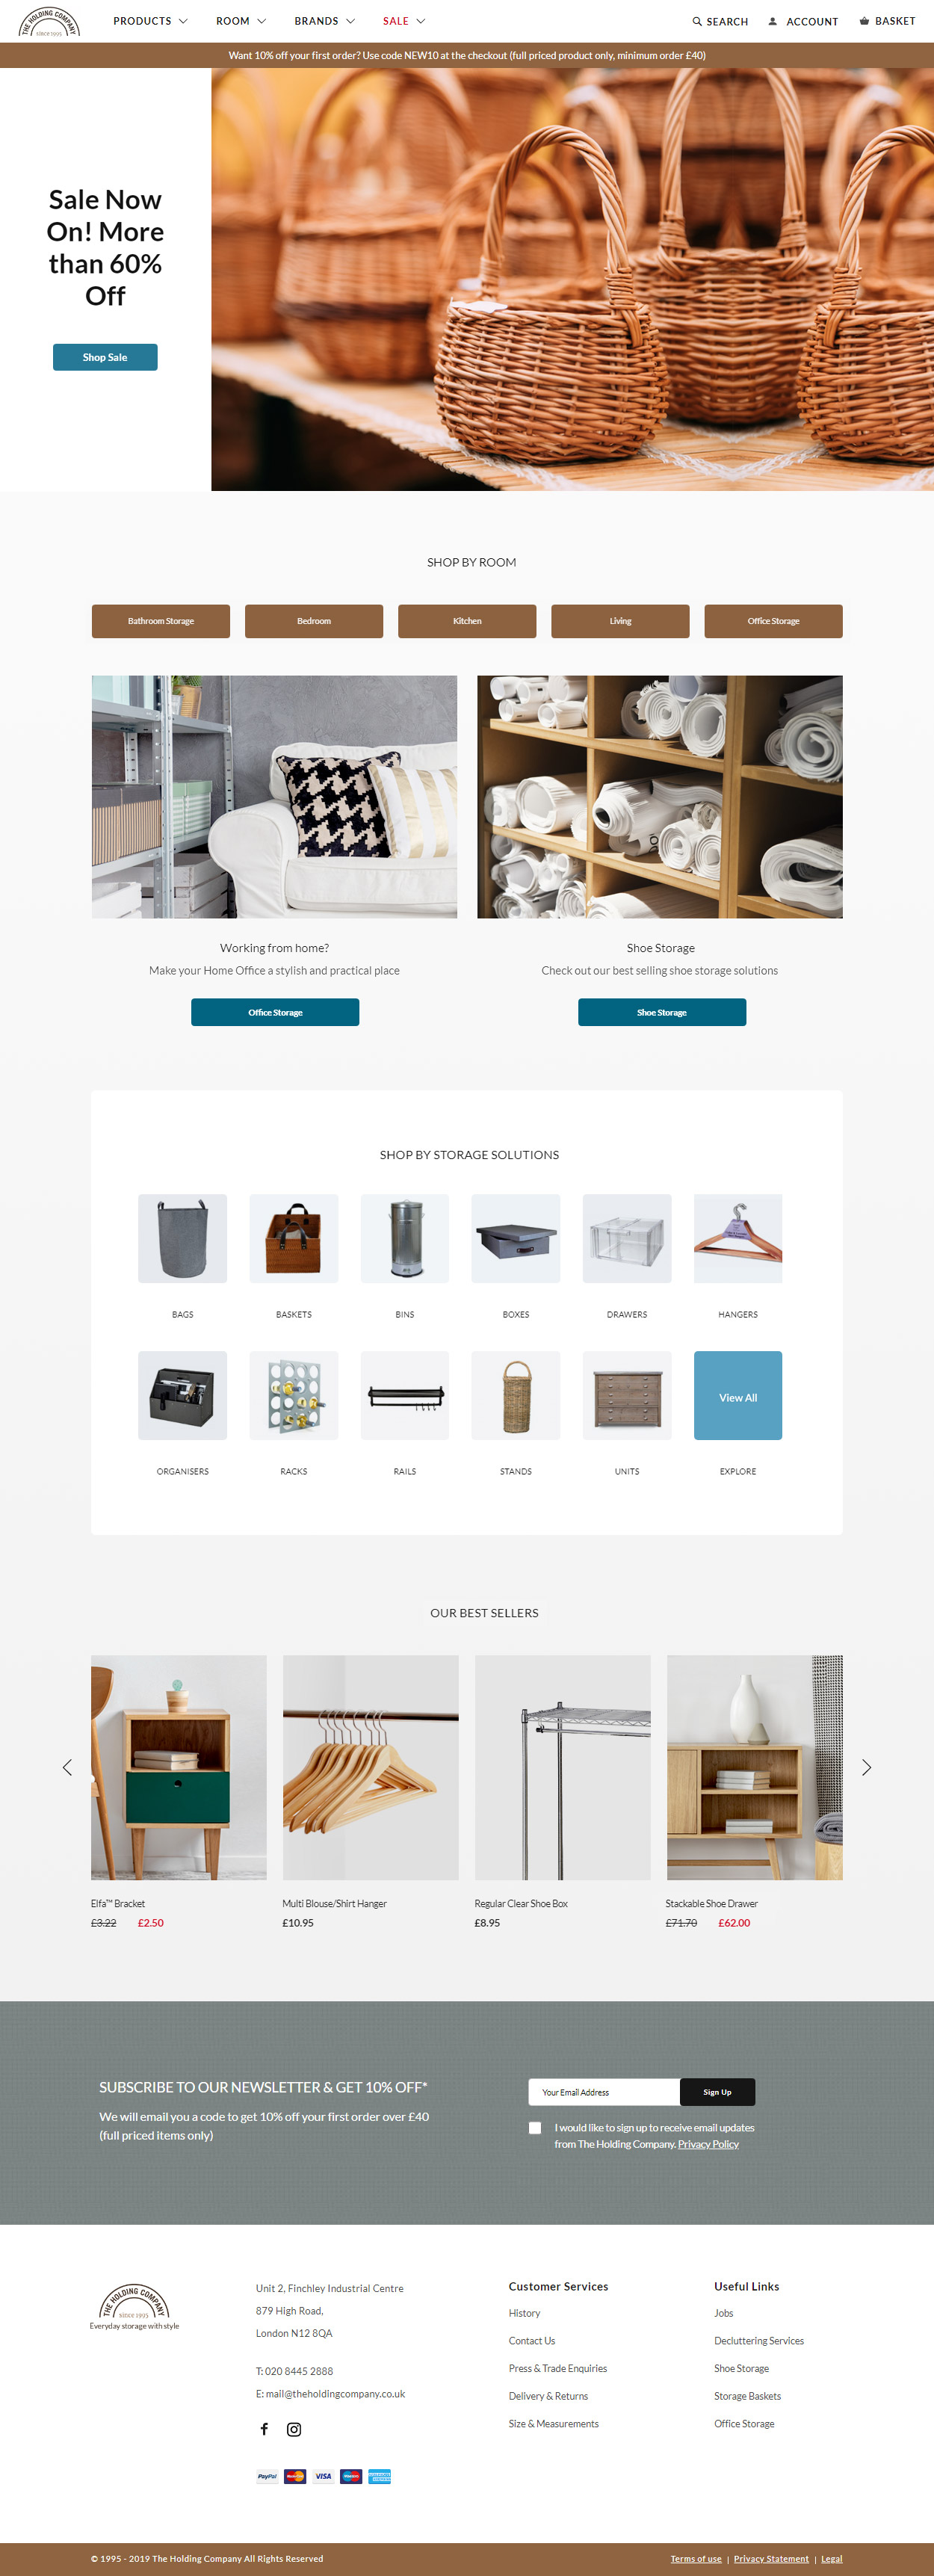 portfolio-detail-theholdingcompany-img-02